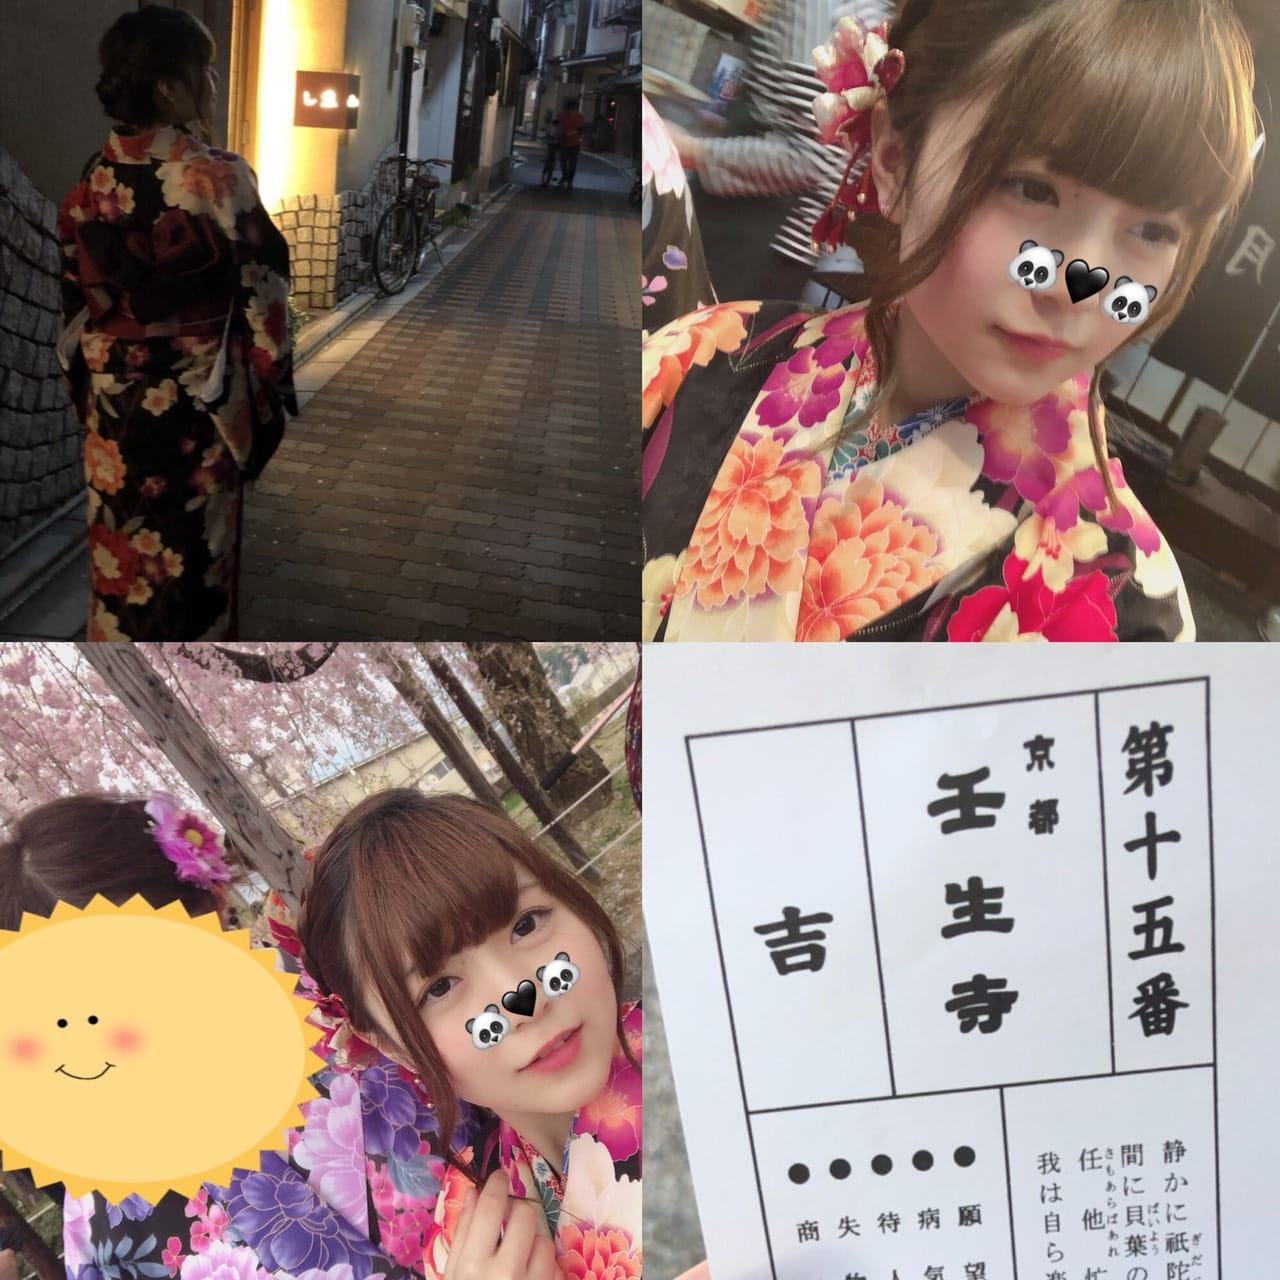 「お礼♡」04/07(04/07) 18:05 | ゆめ(リフレ)の写メ・風俗動画